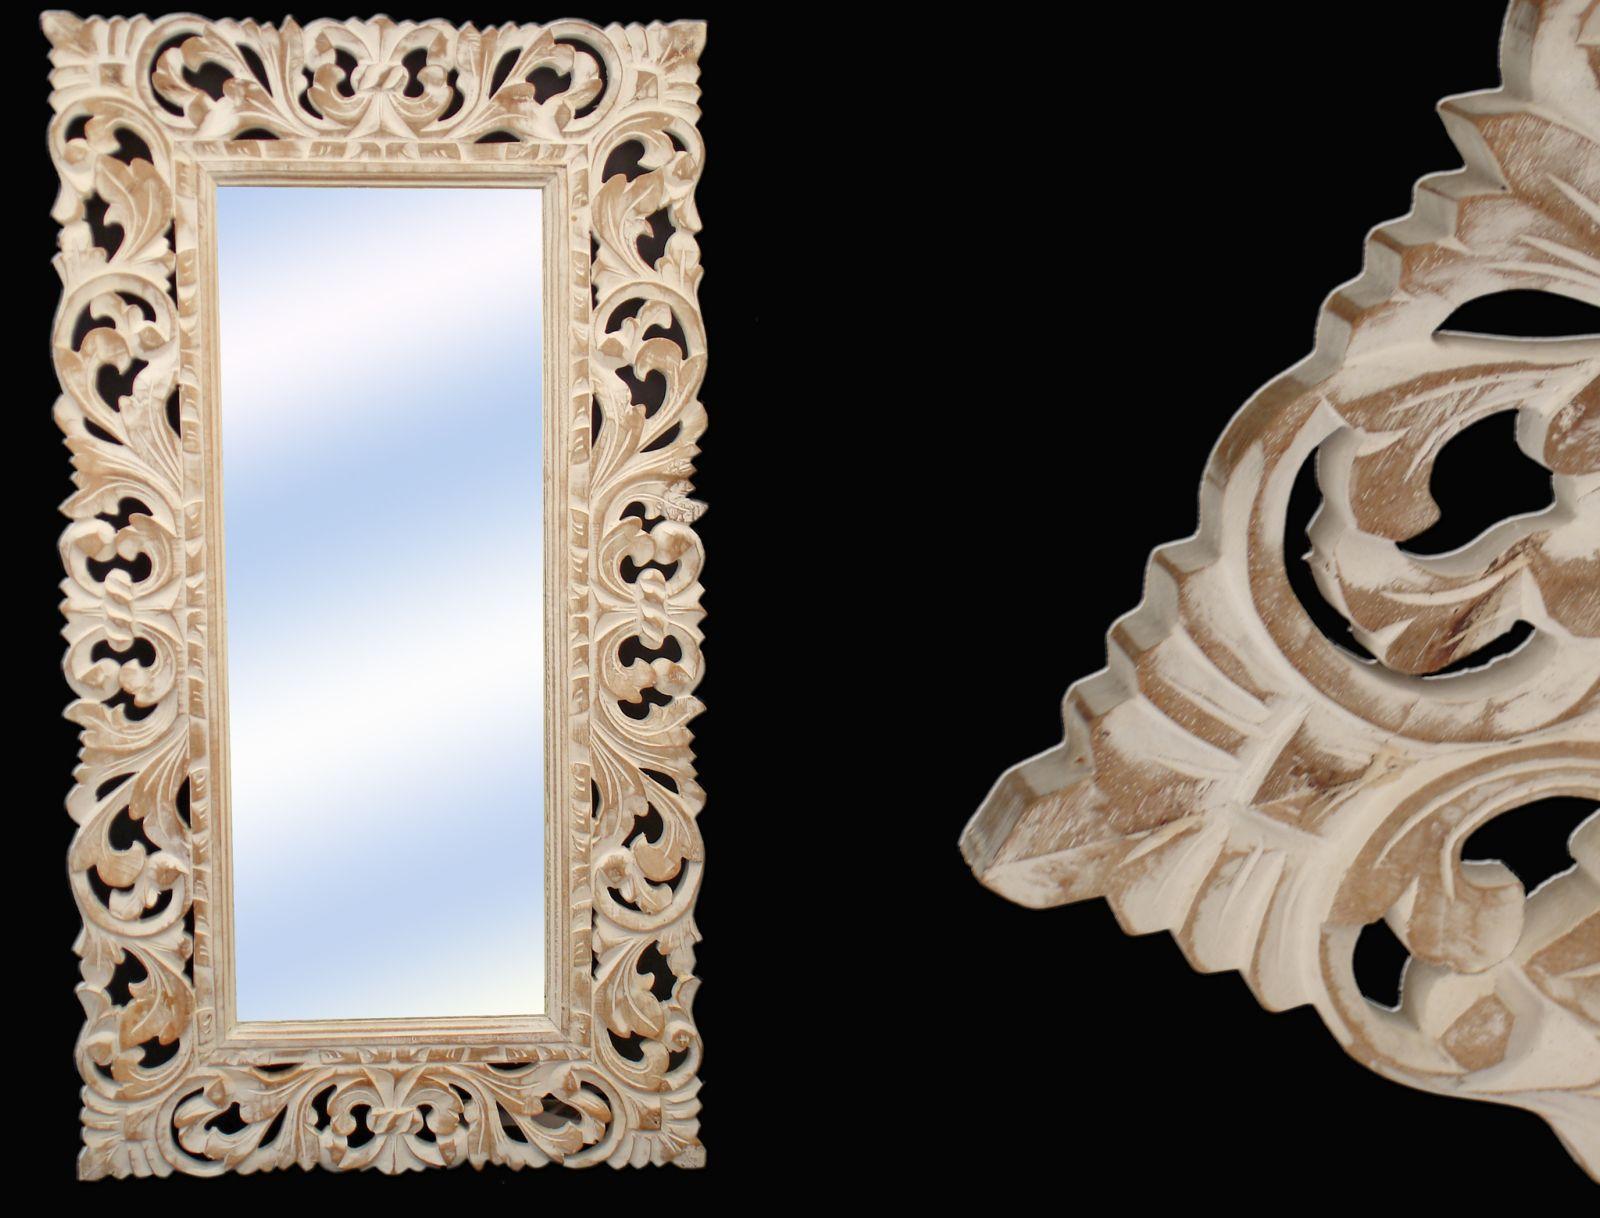 Specchio cornice legno bianco decape 39 cm h100x55 - Specchio provenzale ...